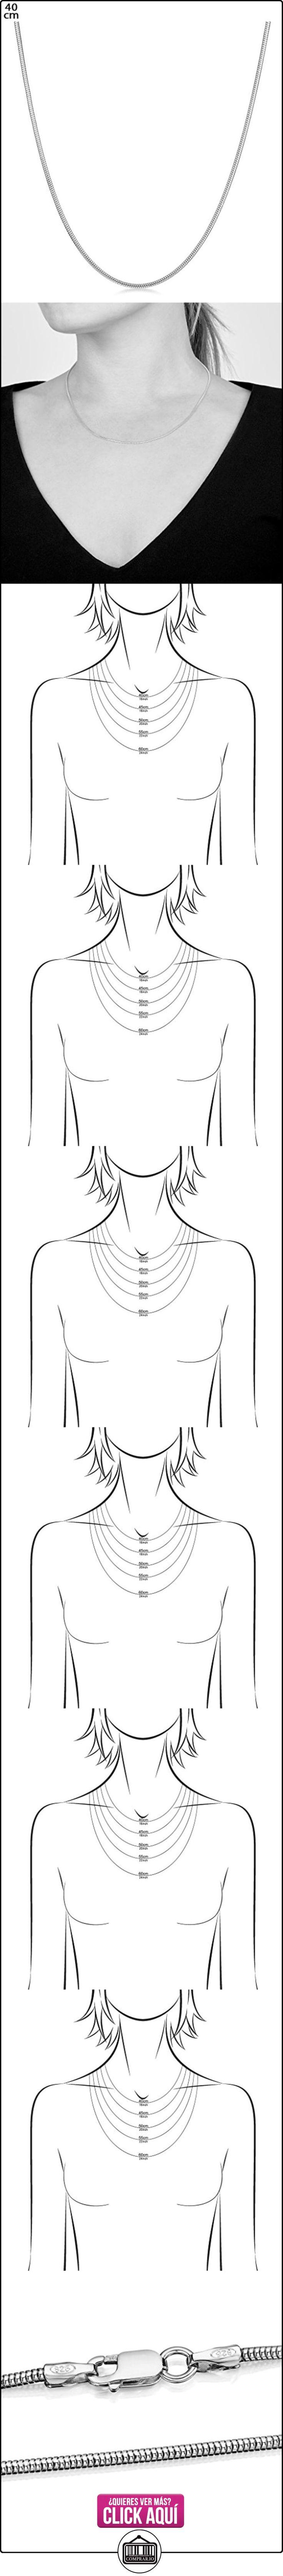 Amberta® Joyería - Collar - Fina Plata De Ley 925 - Cadena de Serpiente - 1.4 mm - 40 45 50 55 60 cm (40cm)  ✿ Joyas para mujer - Las mejores ofertas ✿ ▬► Ver oferta: https://comprar.io/goto/B012EOJ8A2